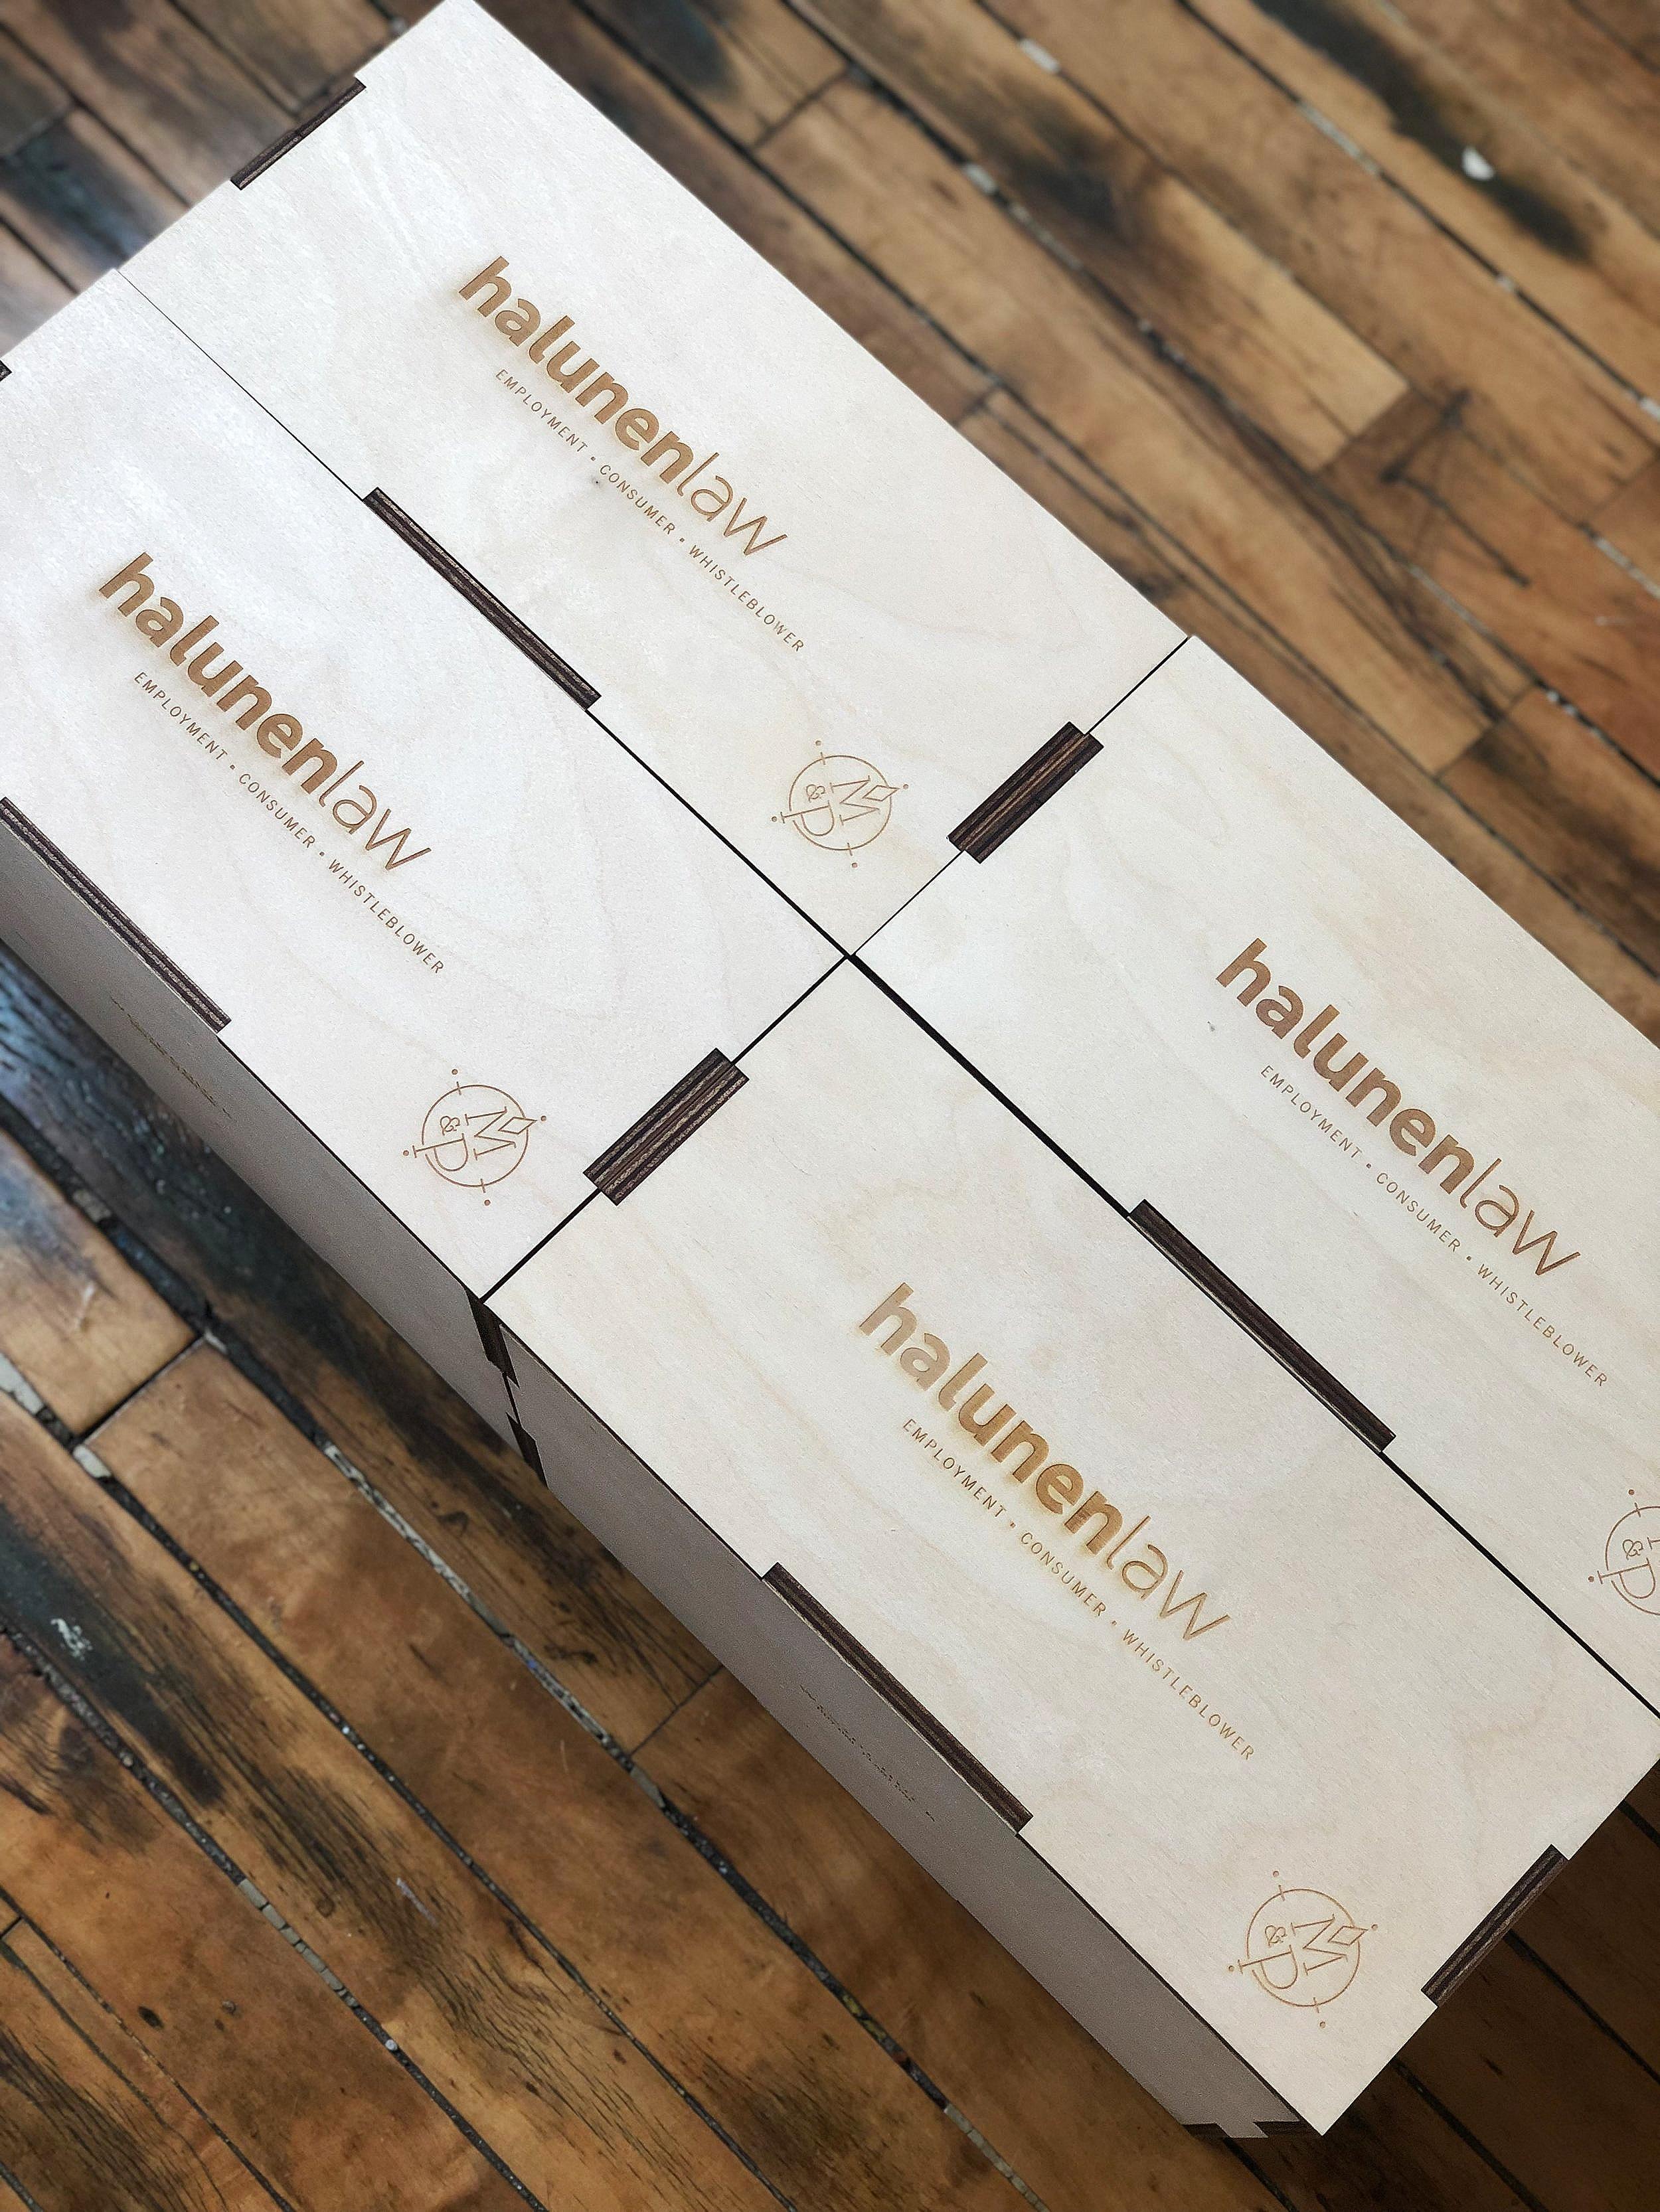 halunen+branded+crate